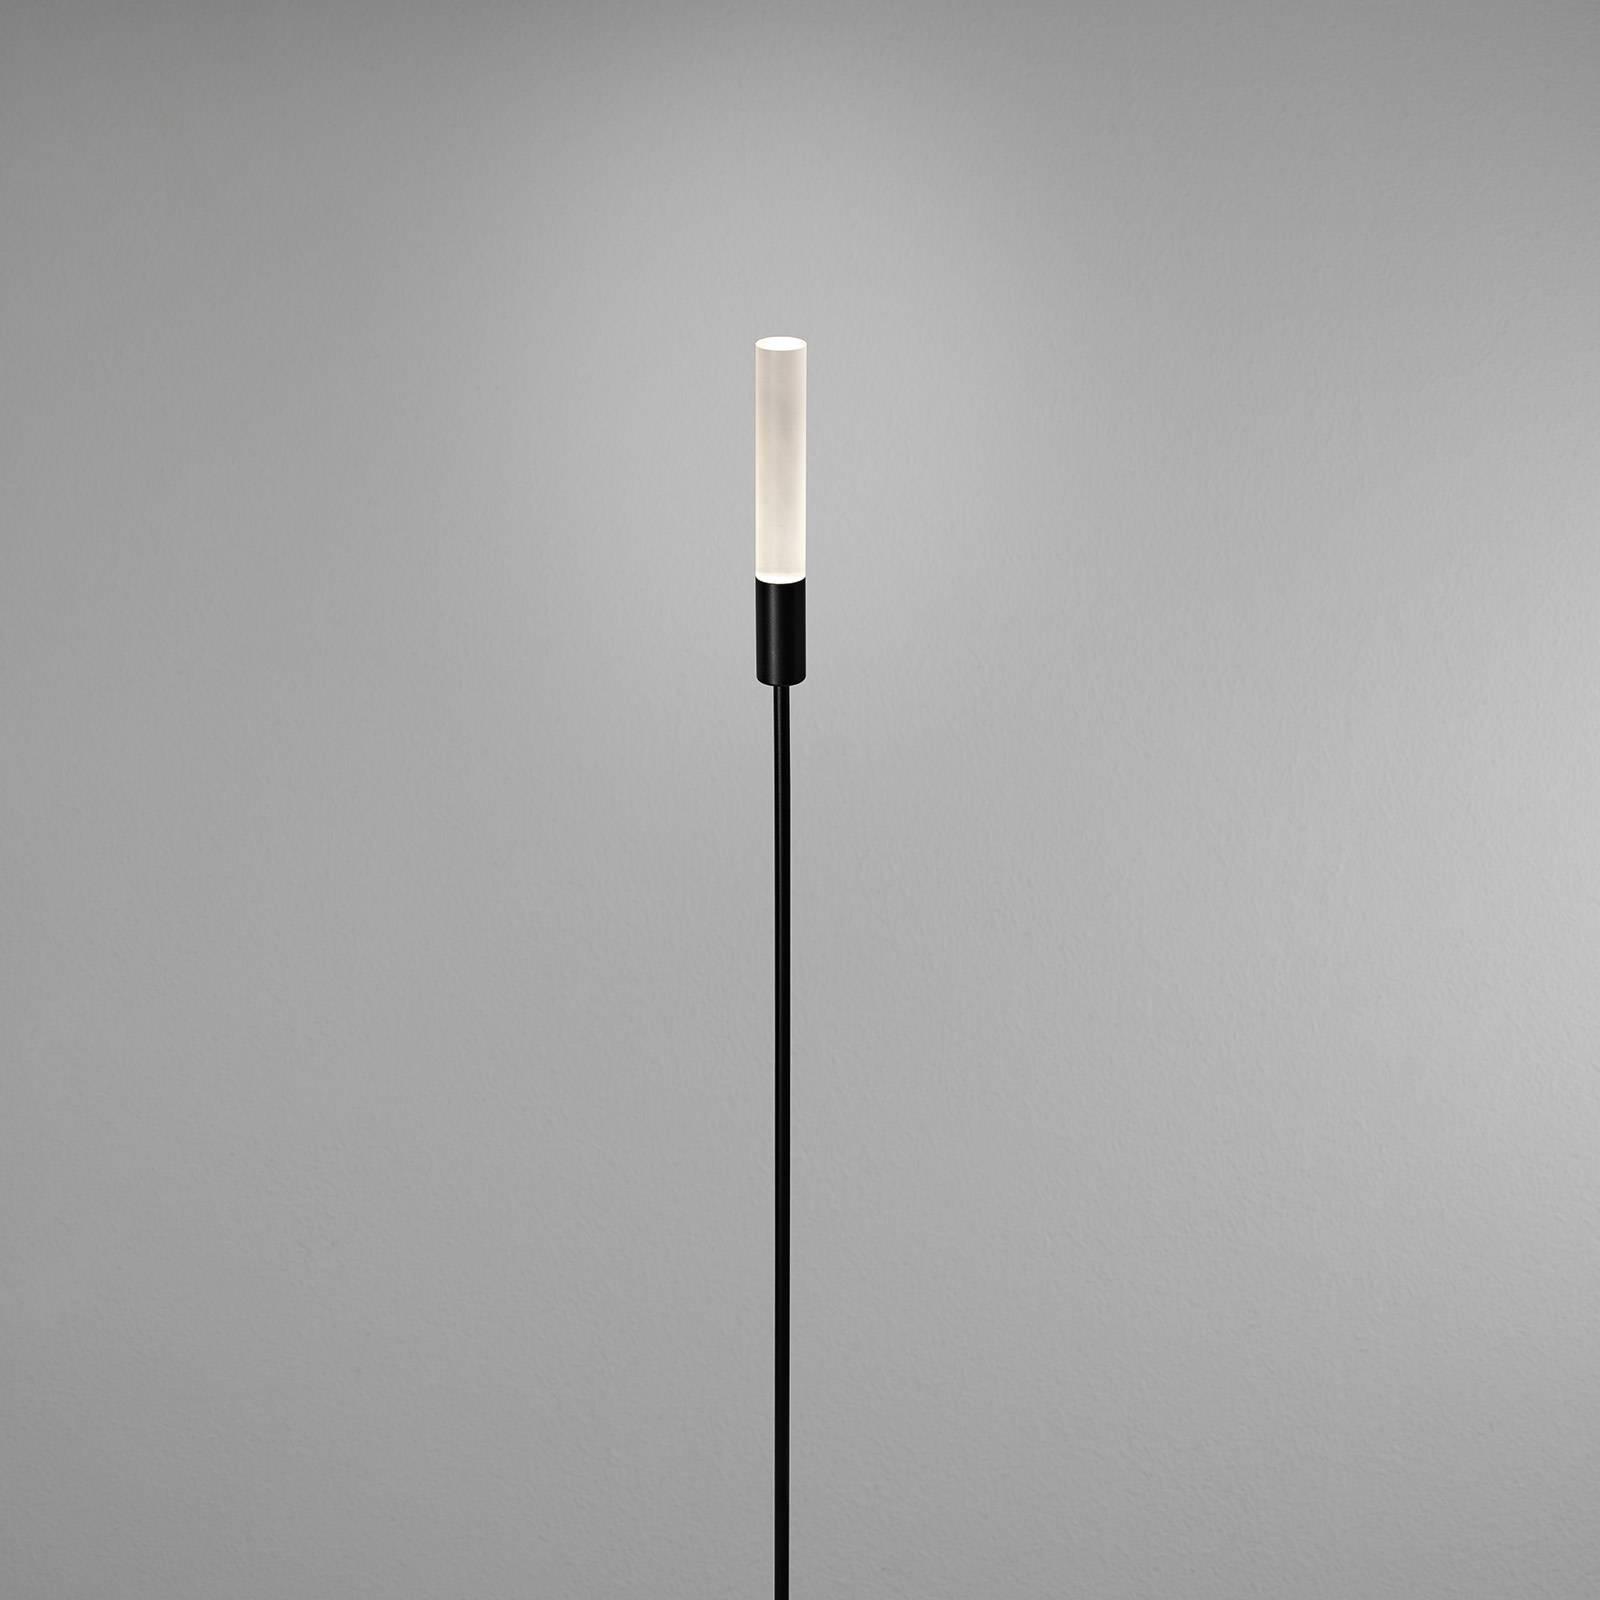 Egger Pisa LED-Wegeleuchte mit Erdspieß